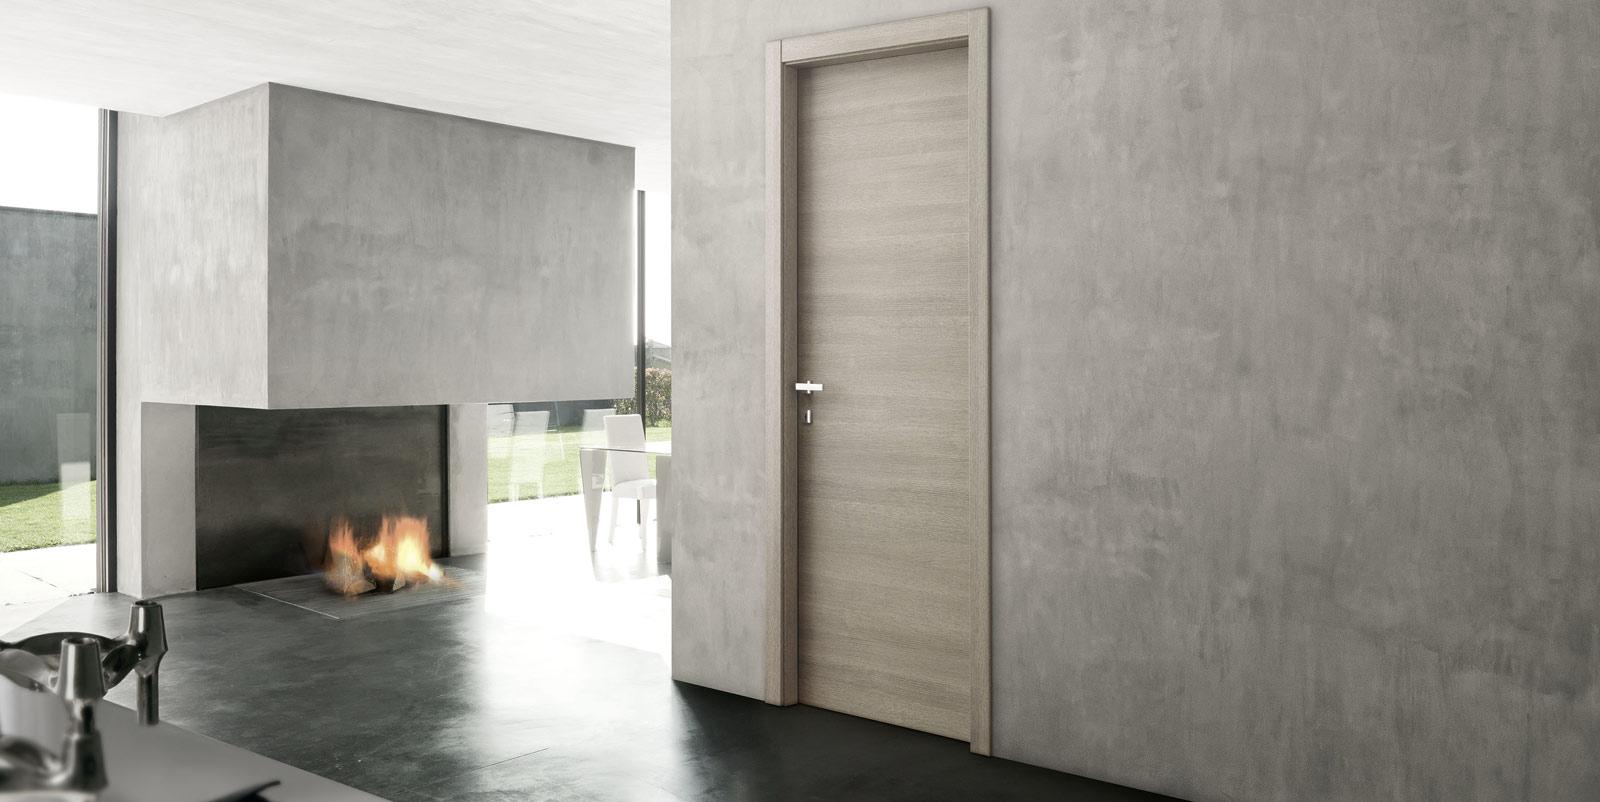 Castiglieri showroom porte e finestre occhiobello rovigo - Showroom porte e finestre ...